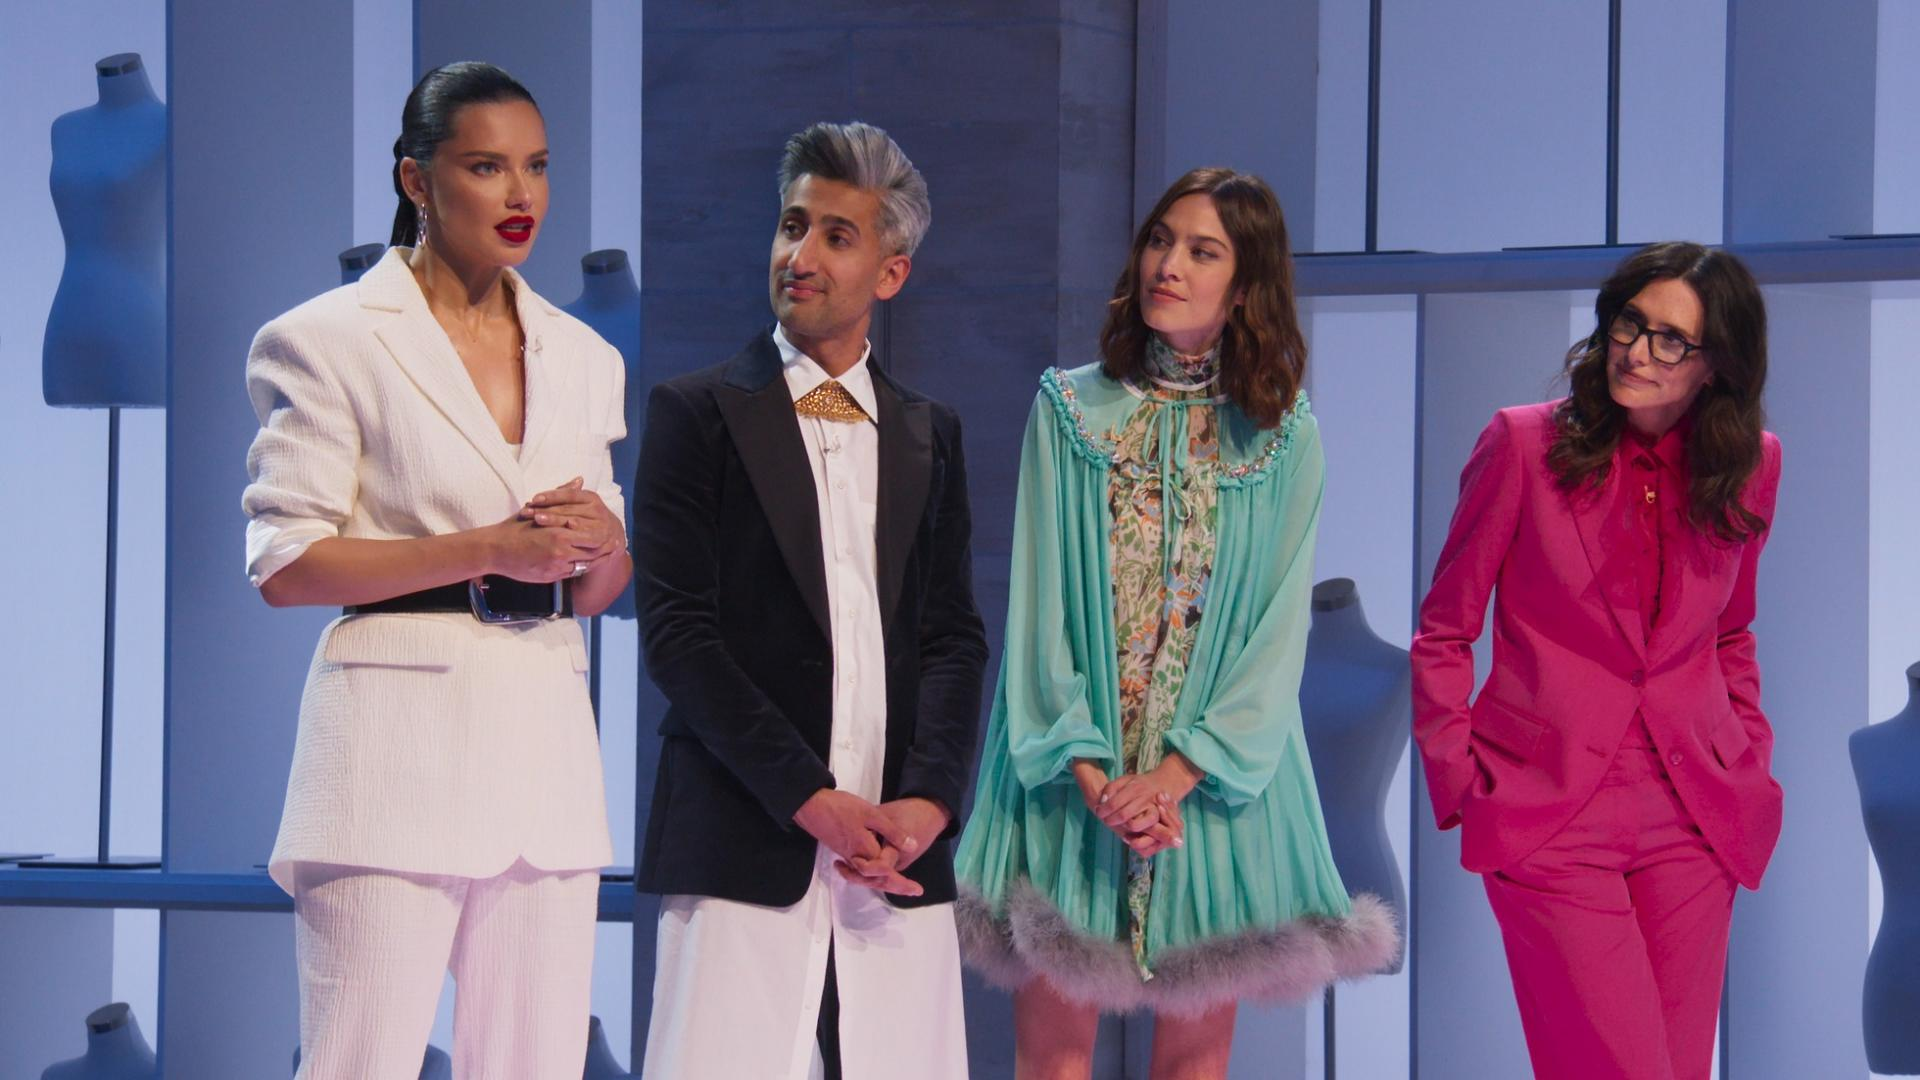 drei Frauen und ein Mann auf einer Bühne mit bunter Kleidung